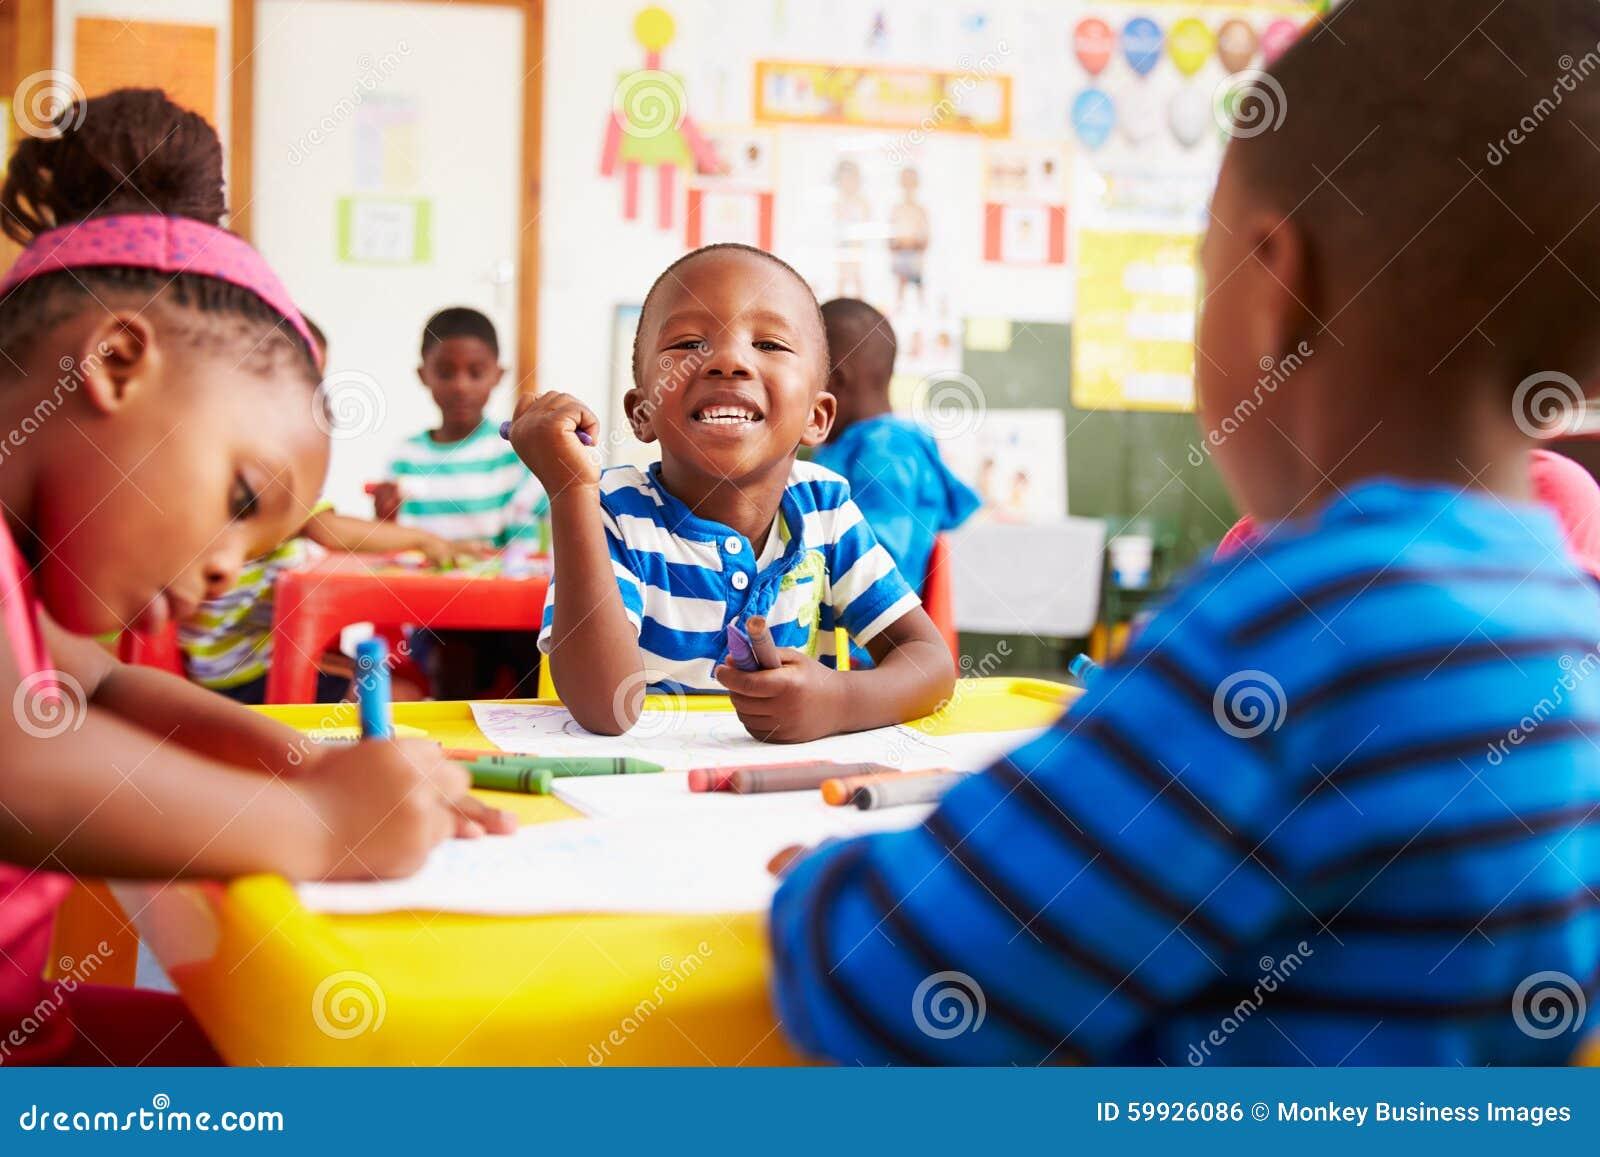 Vorschulklasse in südafrika junge der zur kamera schaut